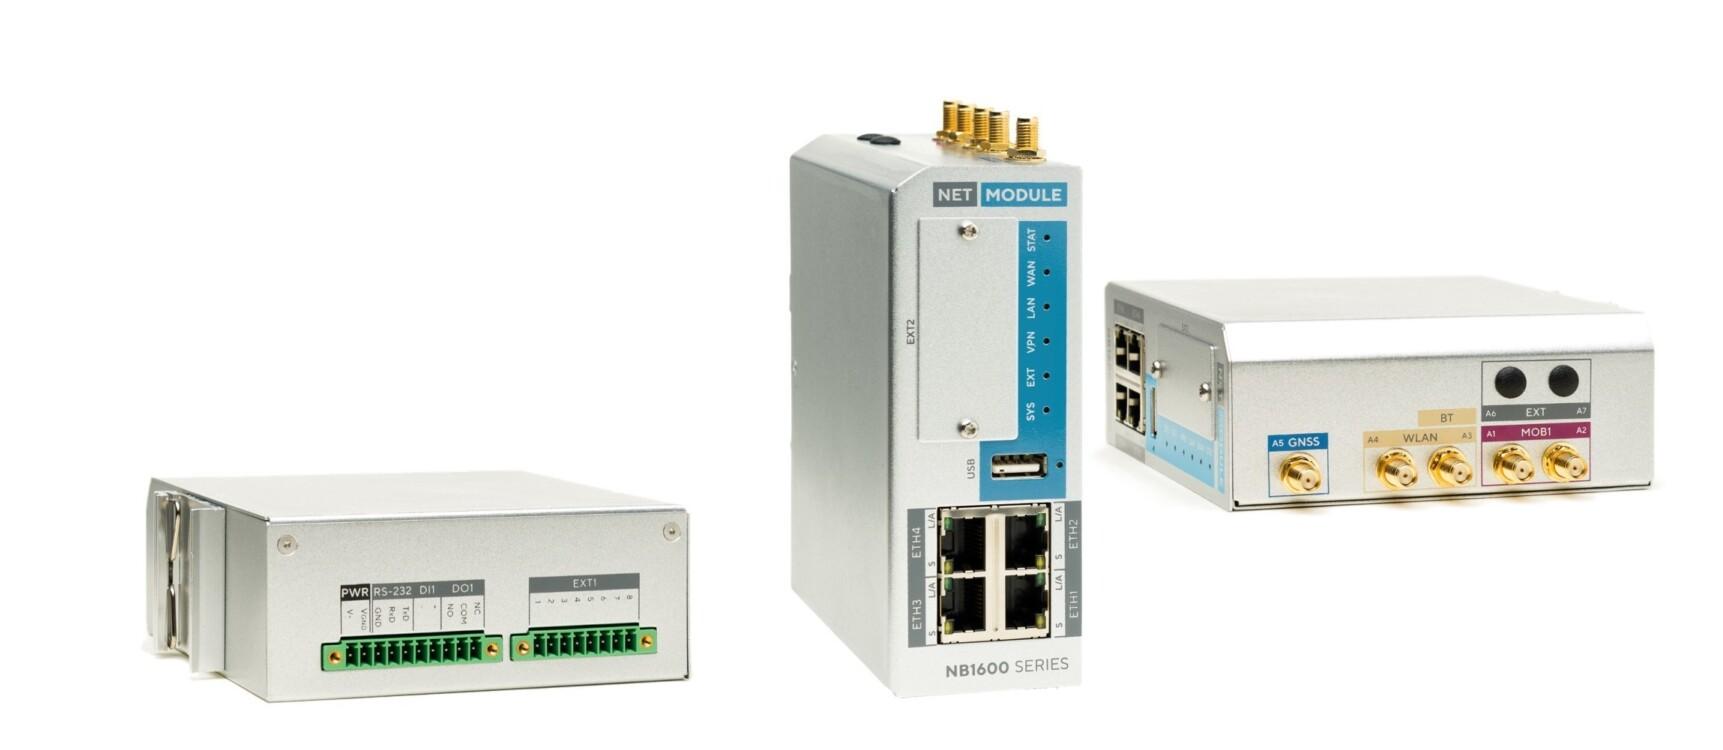 20G/LTE Mobilfunk Industrierouter für IoT Anwendungen   NetModule